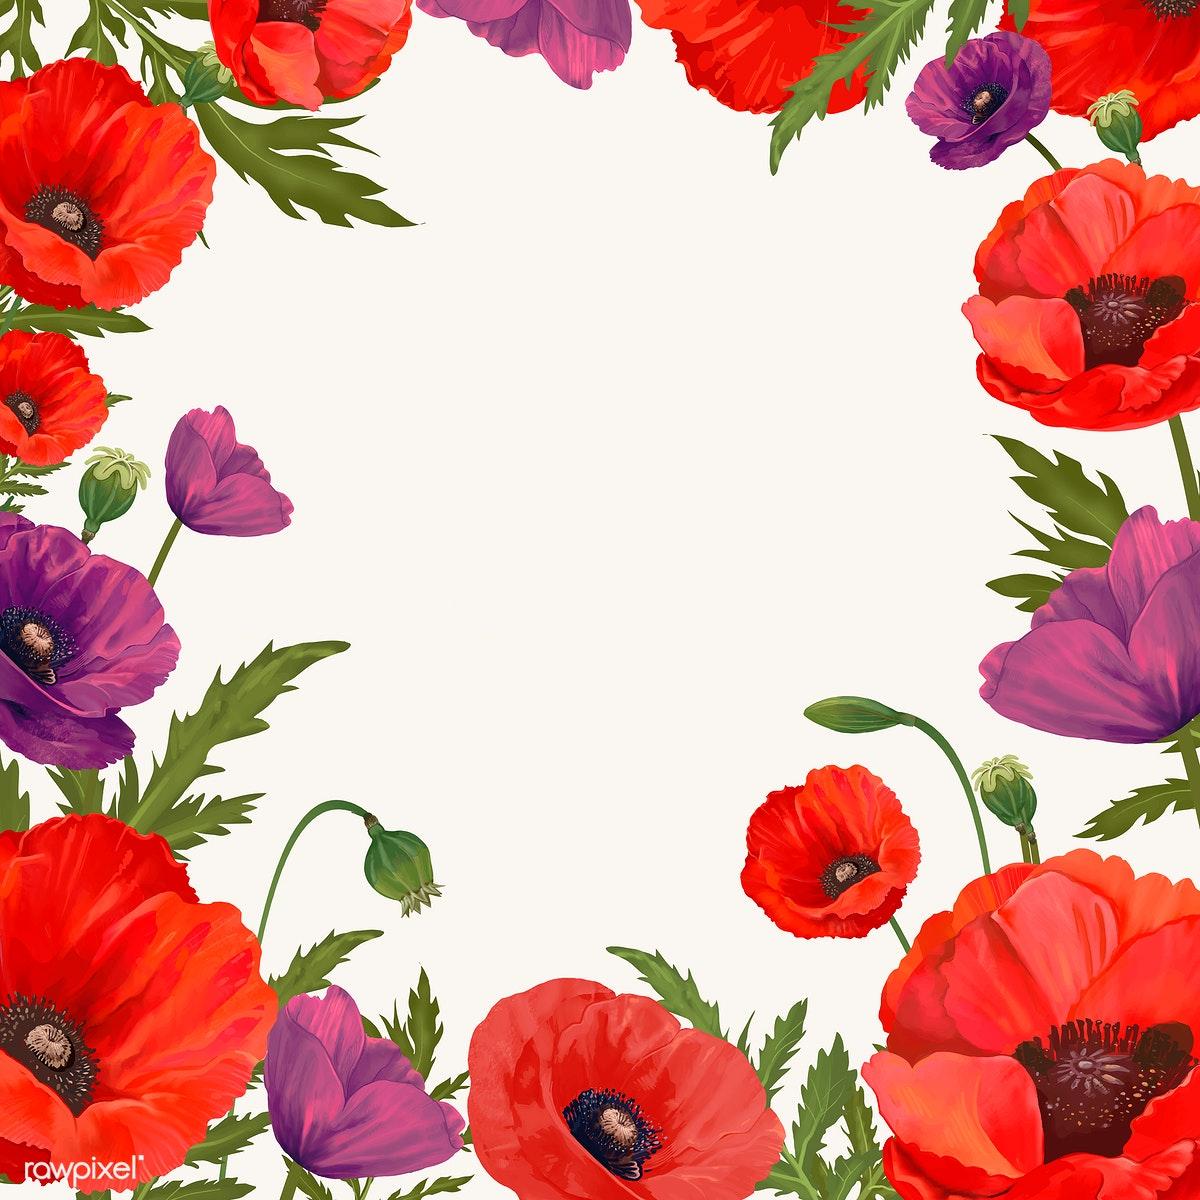 Poppy clipart blank. Framed background free stock